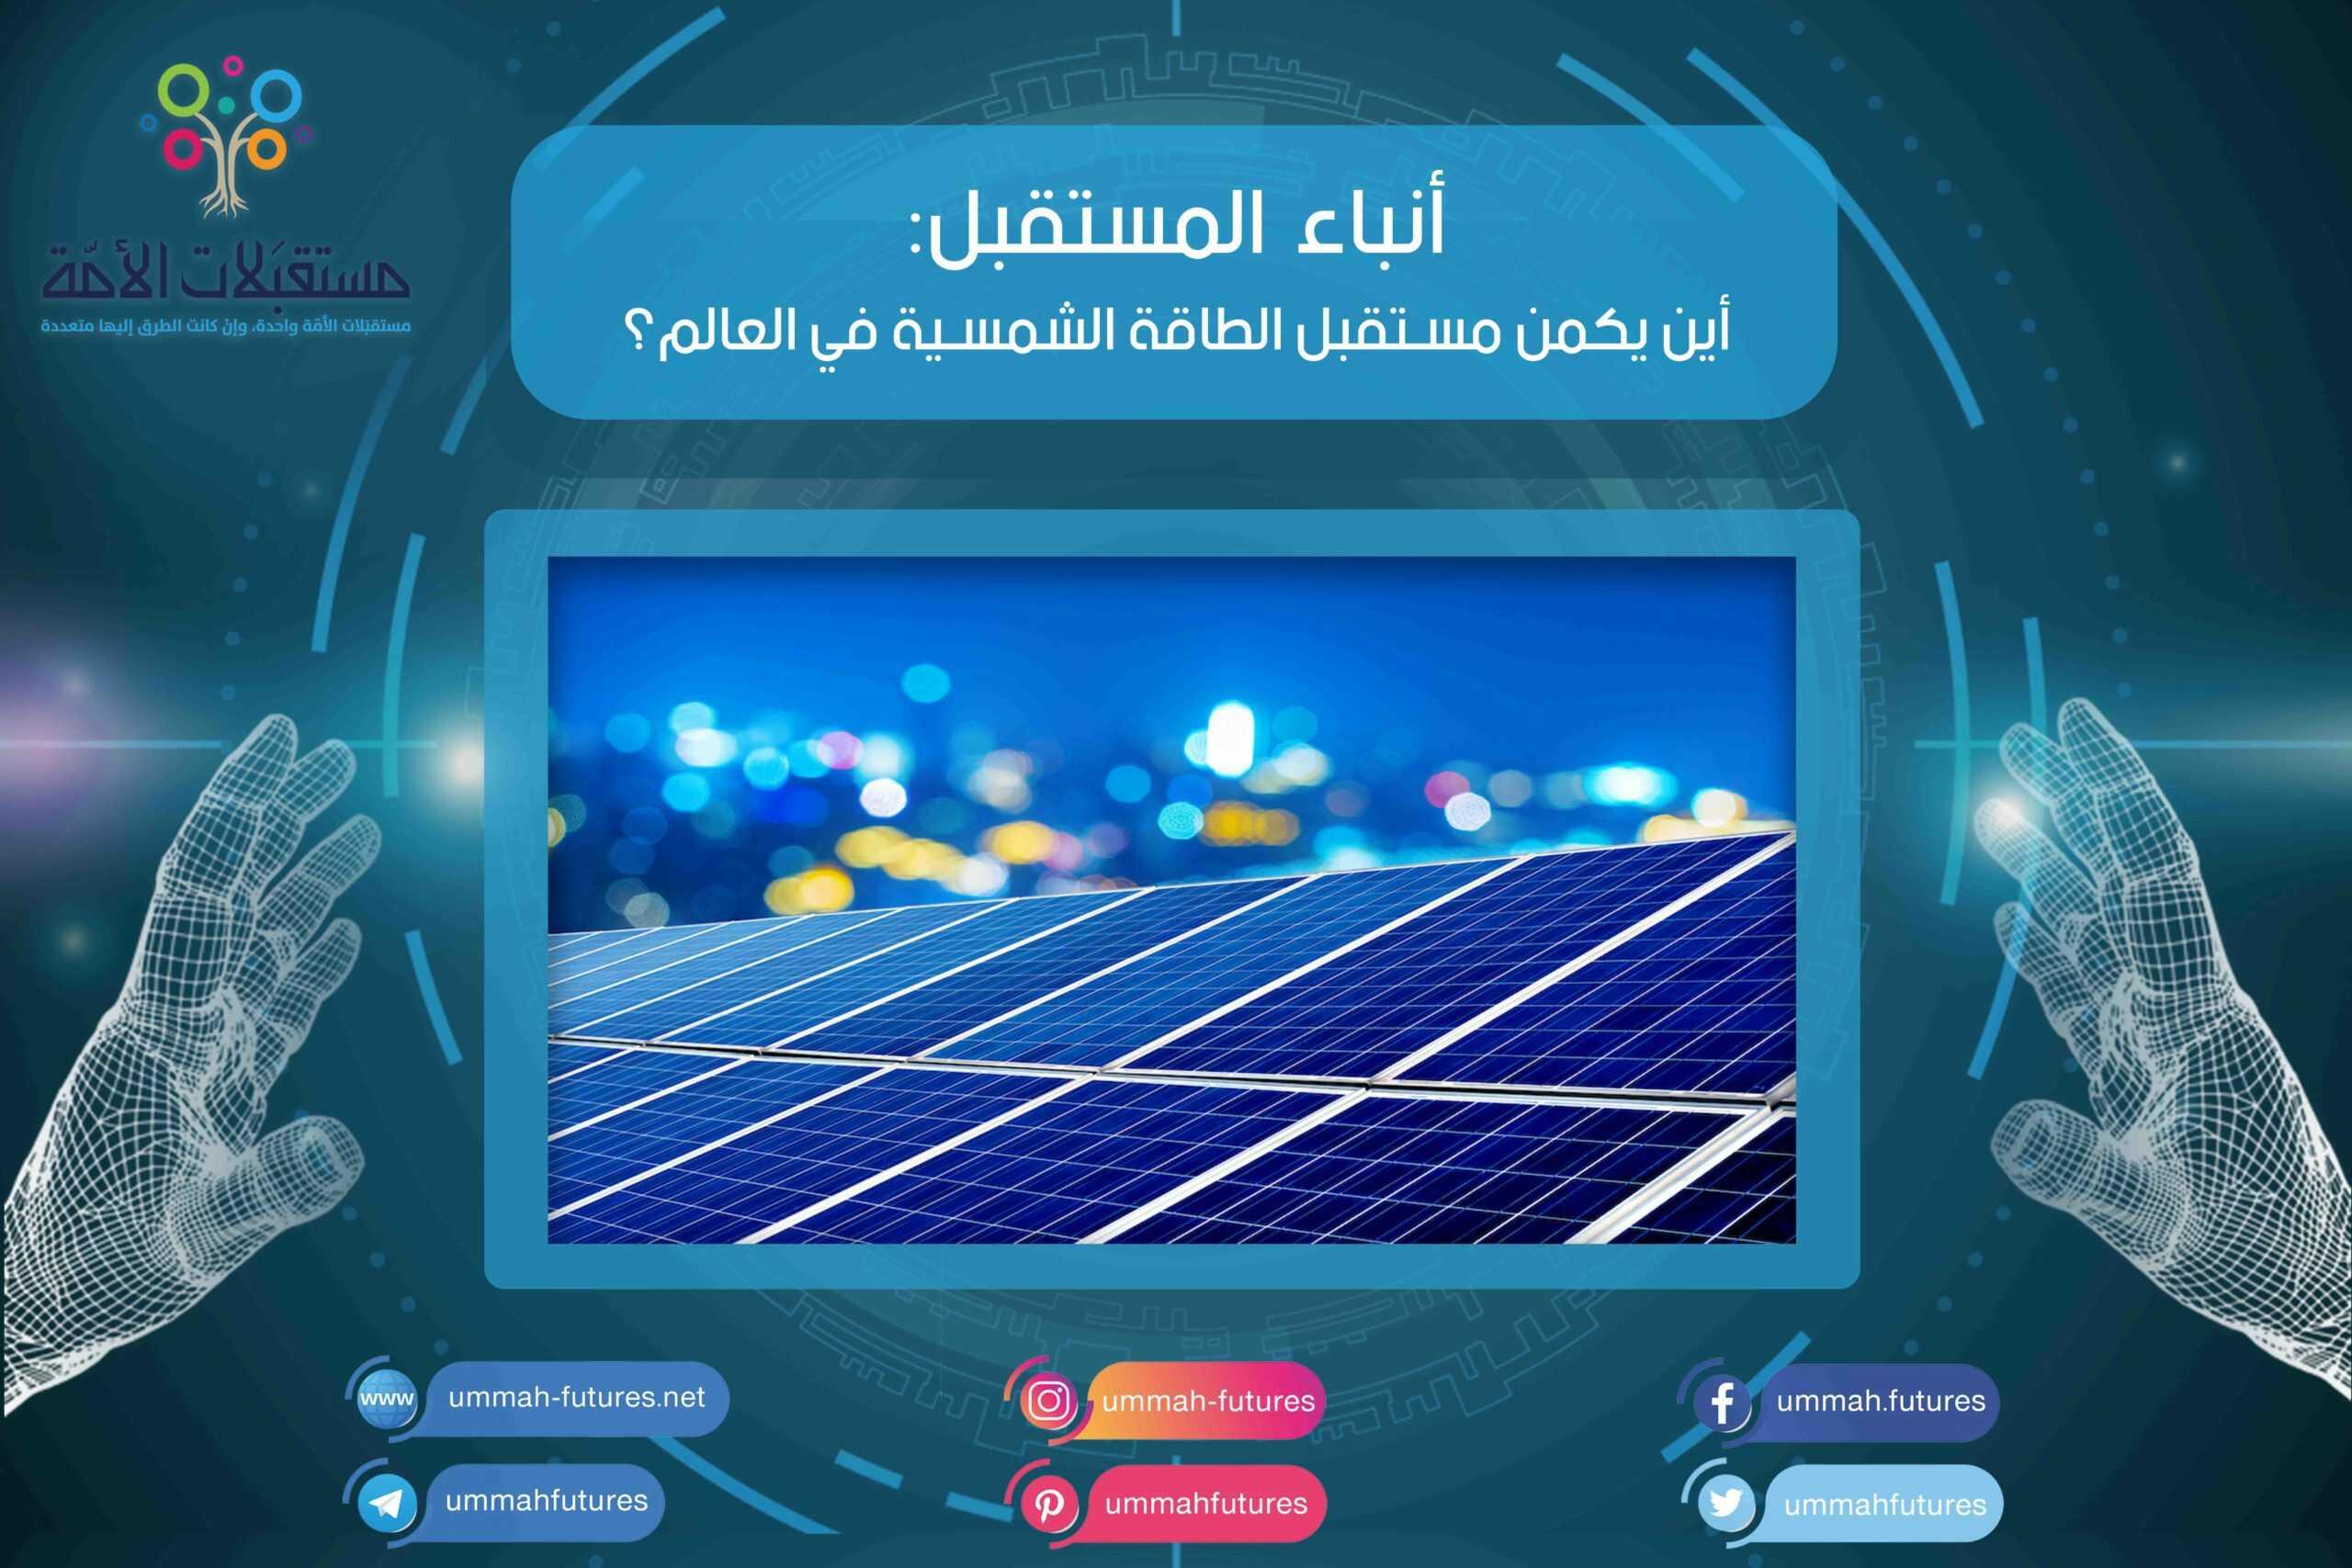 أين يكمن مستقبل الطاقة الشمسية في العالم؟